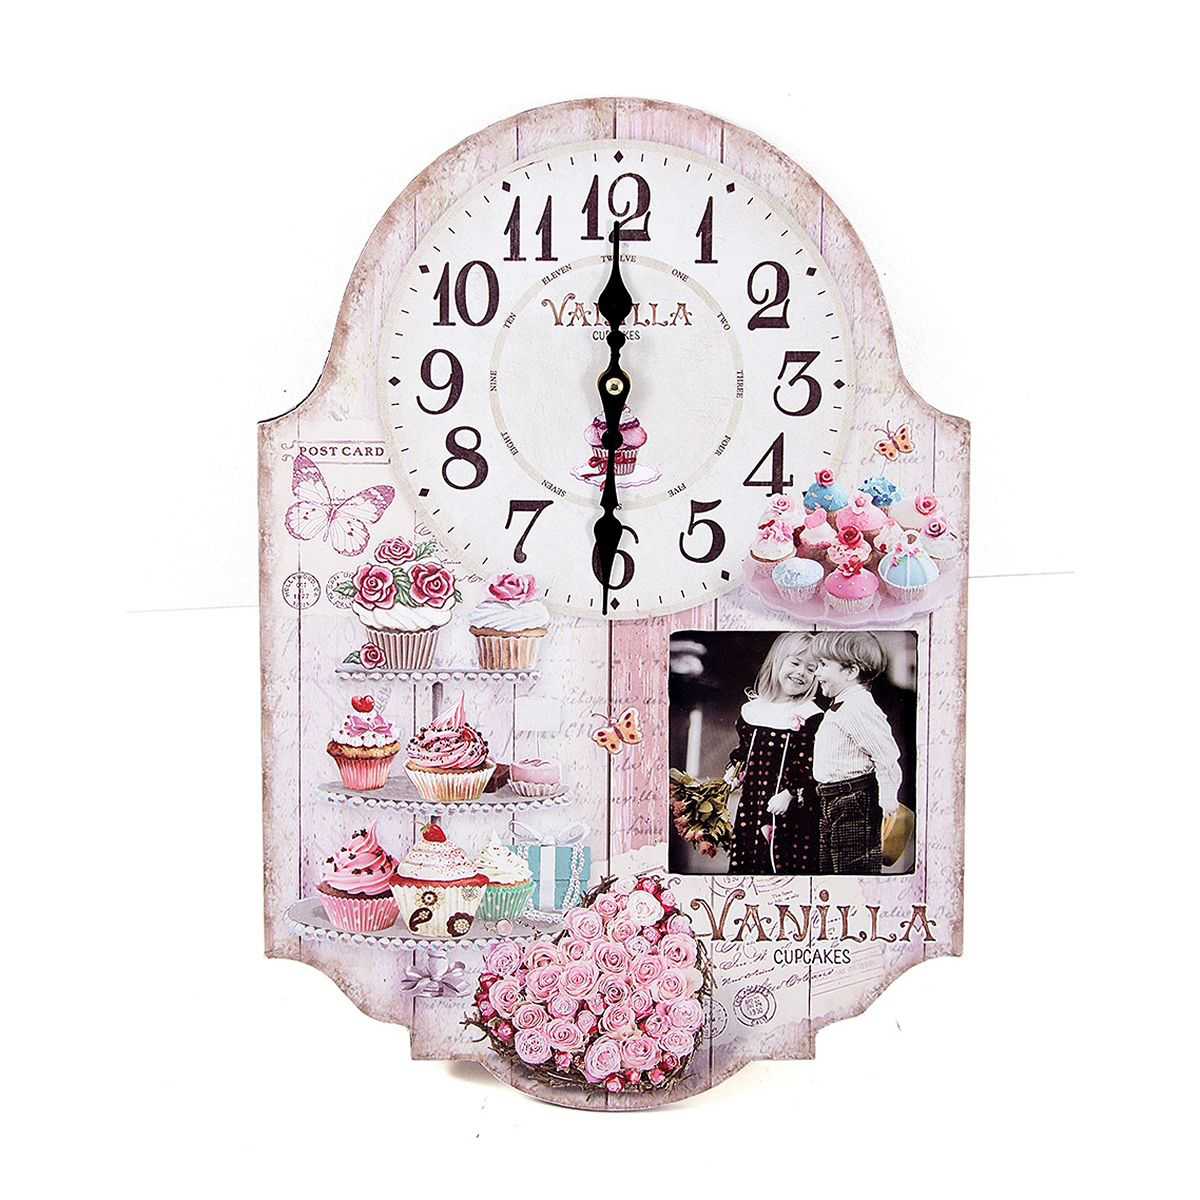 Часы настенные Русские Подарки, 29 х 5 х 42 см. 2963629636Настенные кварцевые часы Русские Подарки изготовлены из МДФ. Корпус оформлен изображением цветов и пирожных, а также украшен вставкой с изображением детей. Часы имеют две стрелки - часовую и минутную. С обратной стороны имеется петелька для подвешивания на стену. Изящные часы красиво и оригинально оформят интерьер дома или офиса.Часы работают от батареек типа АА (в комплект не входят).